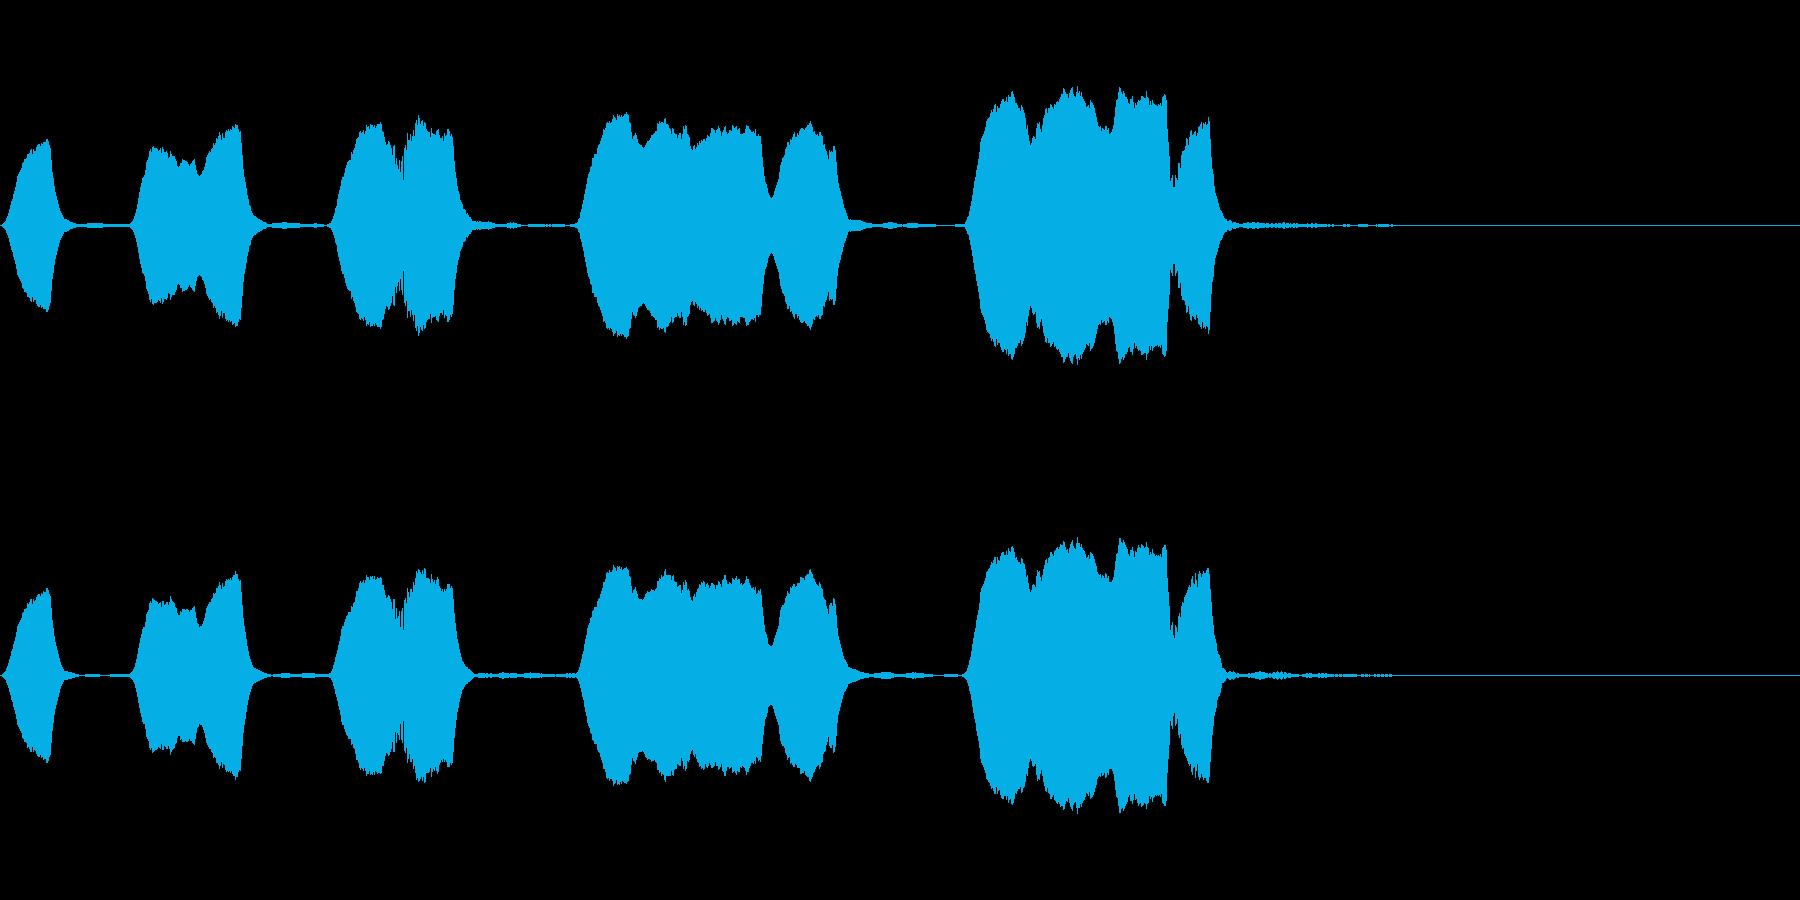 ジングル 口笛 日常 緩いの再生済みの波形